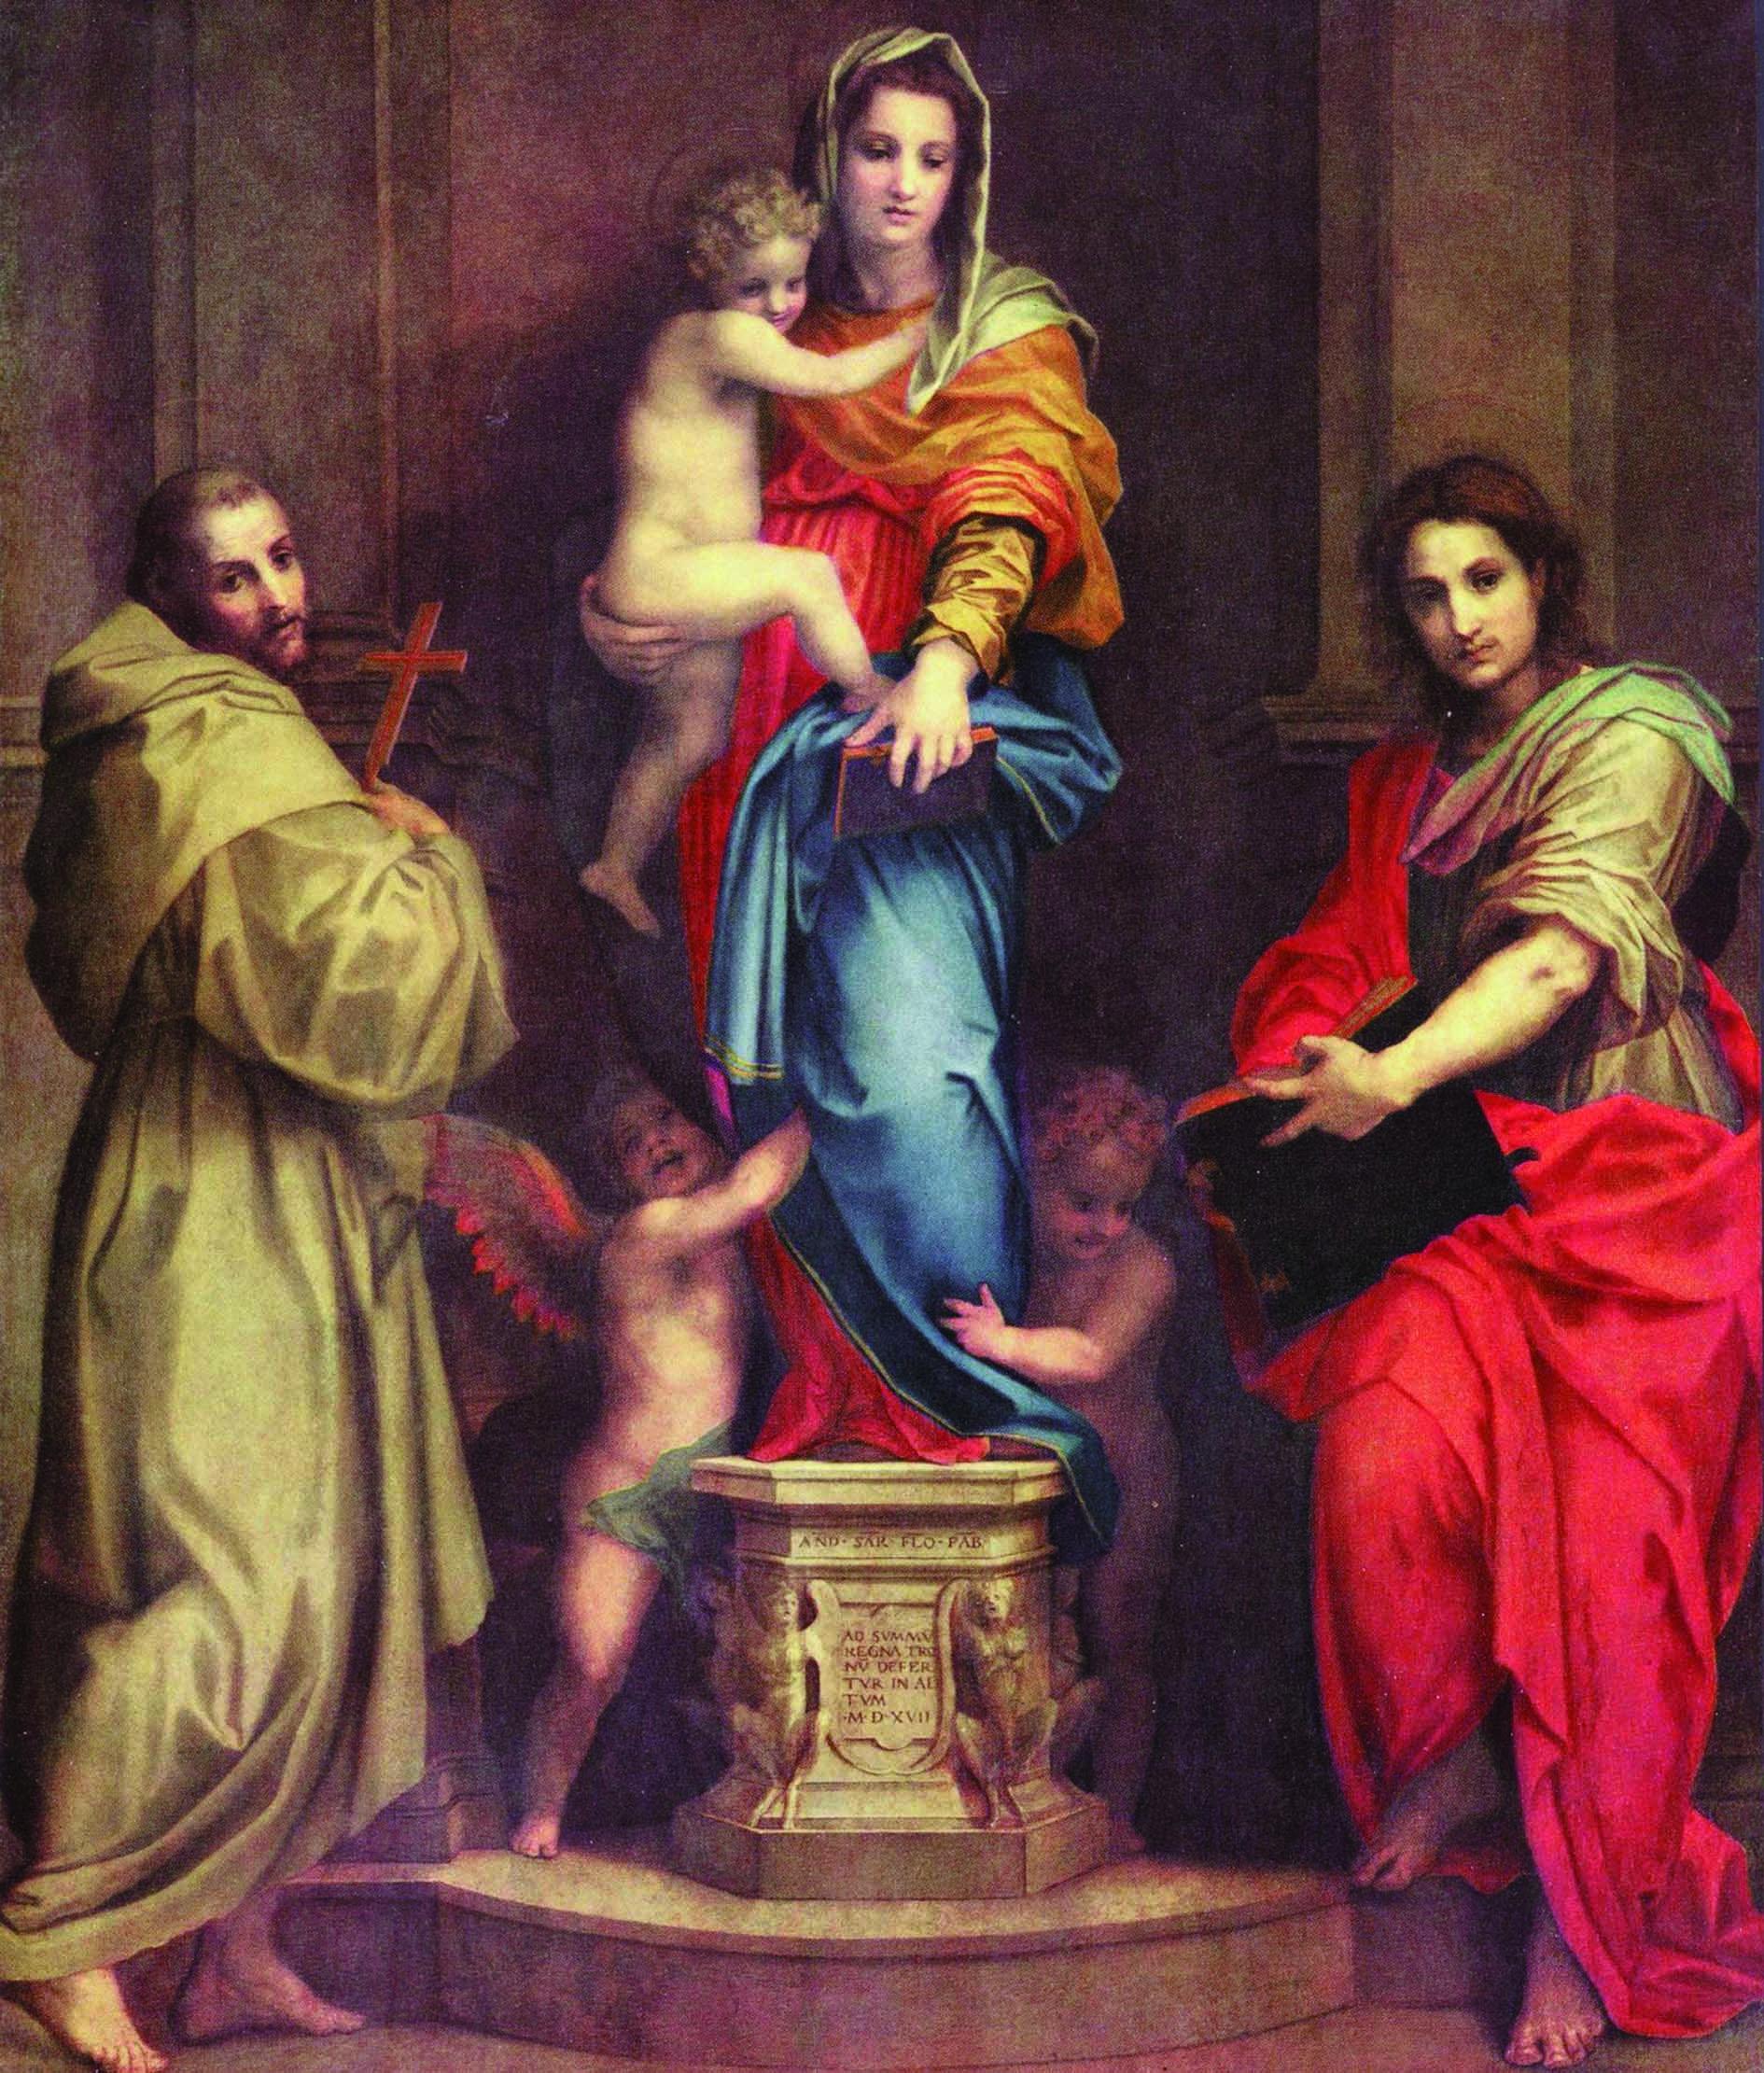 Dipinti nei quali, come modella, appare Lucrezia, la moglie di Andrea del Sarto